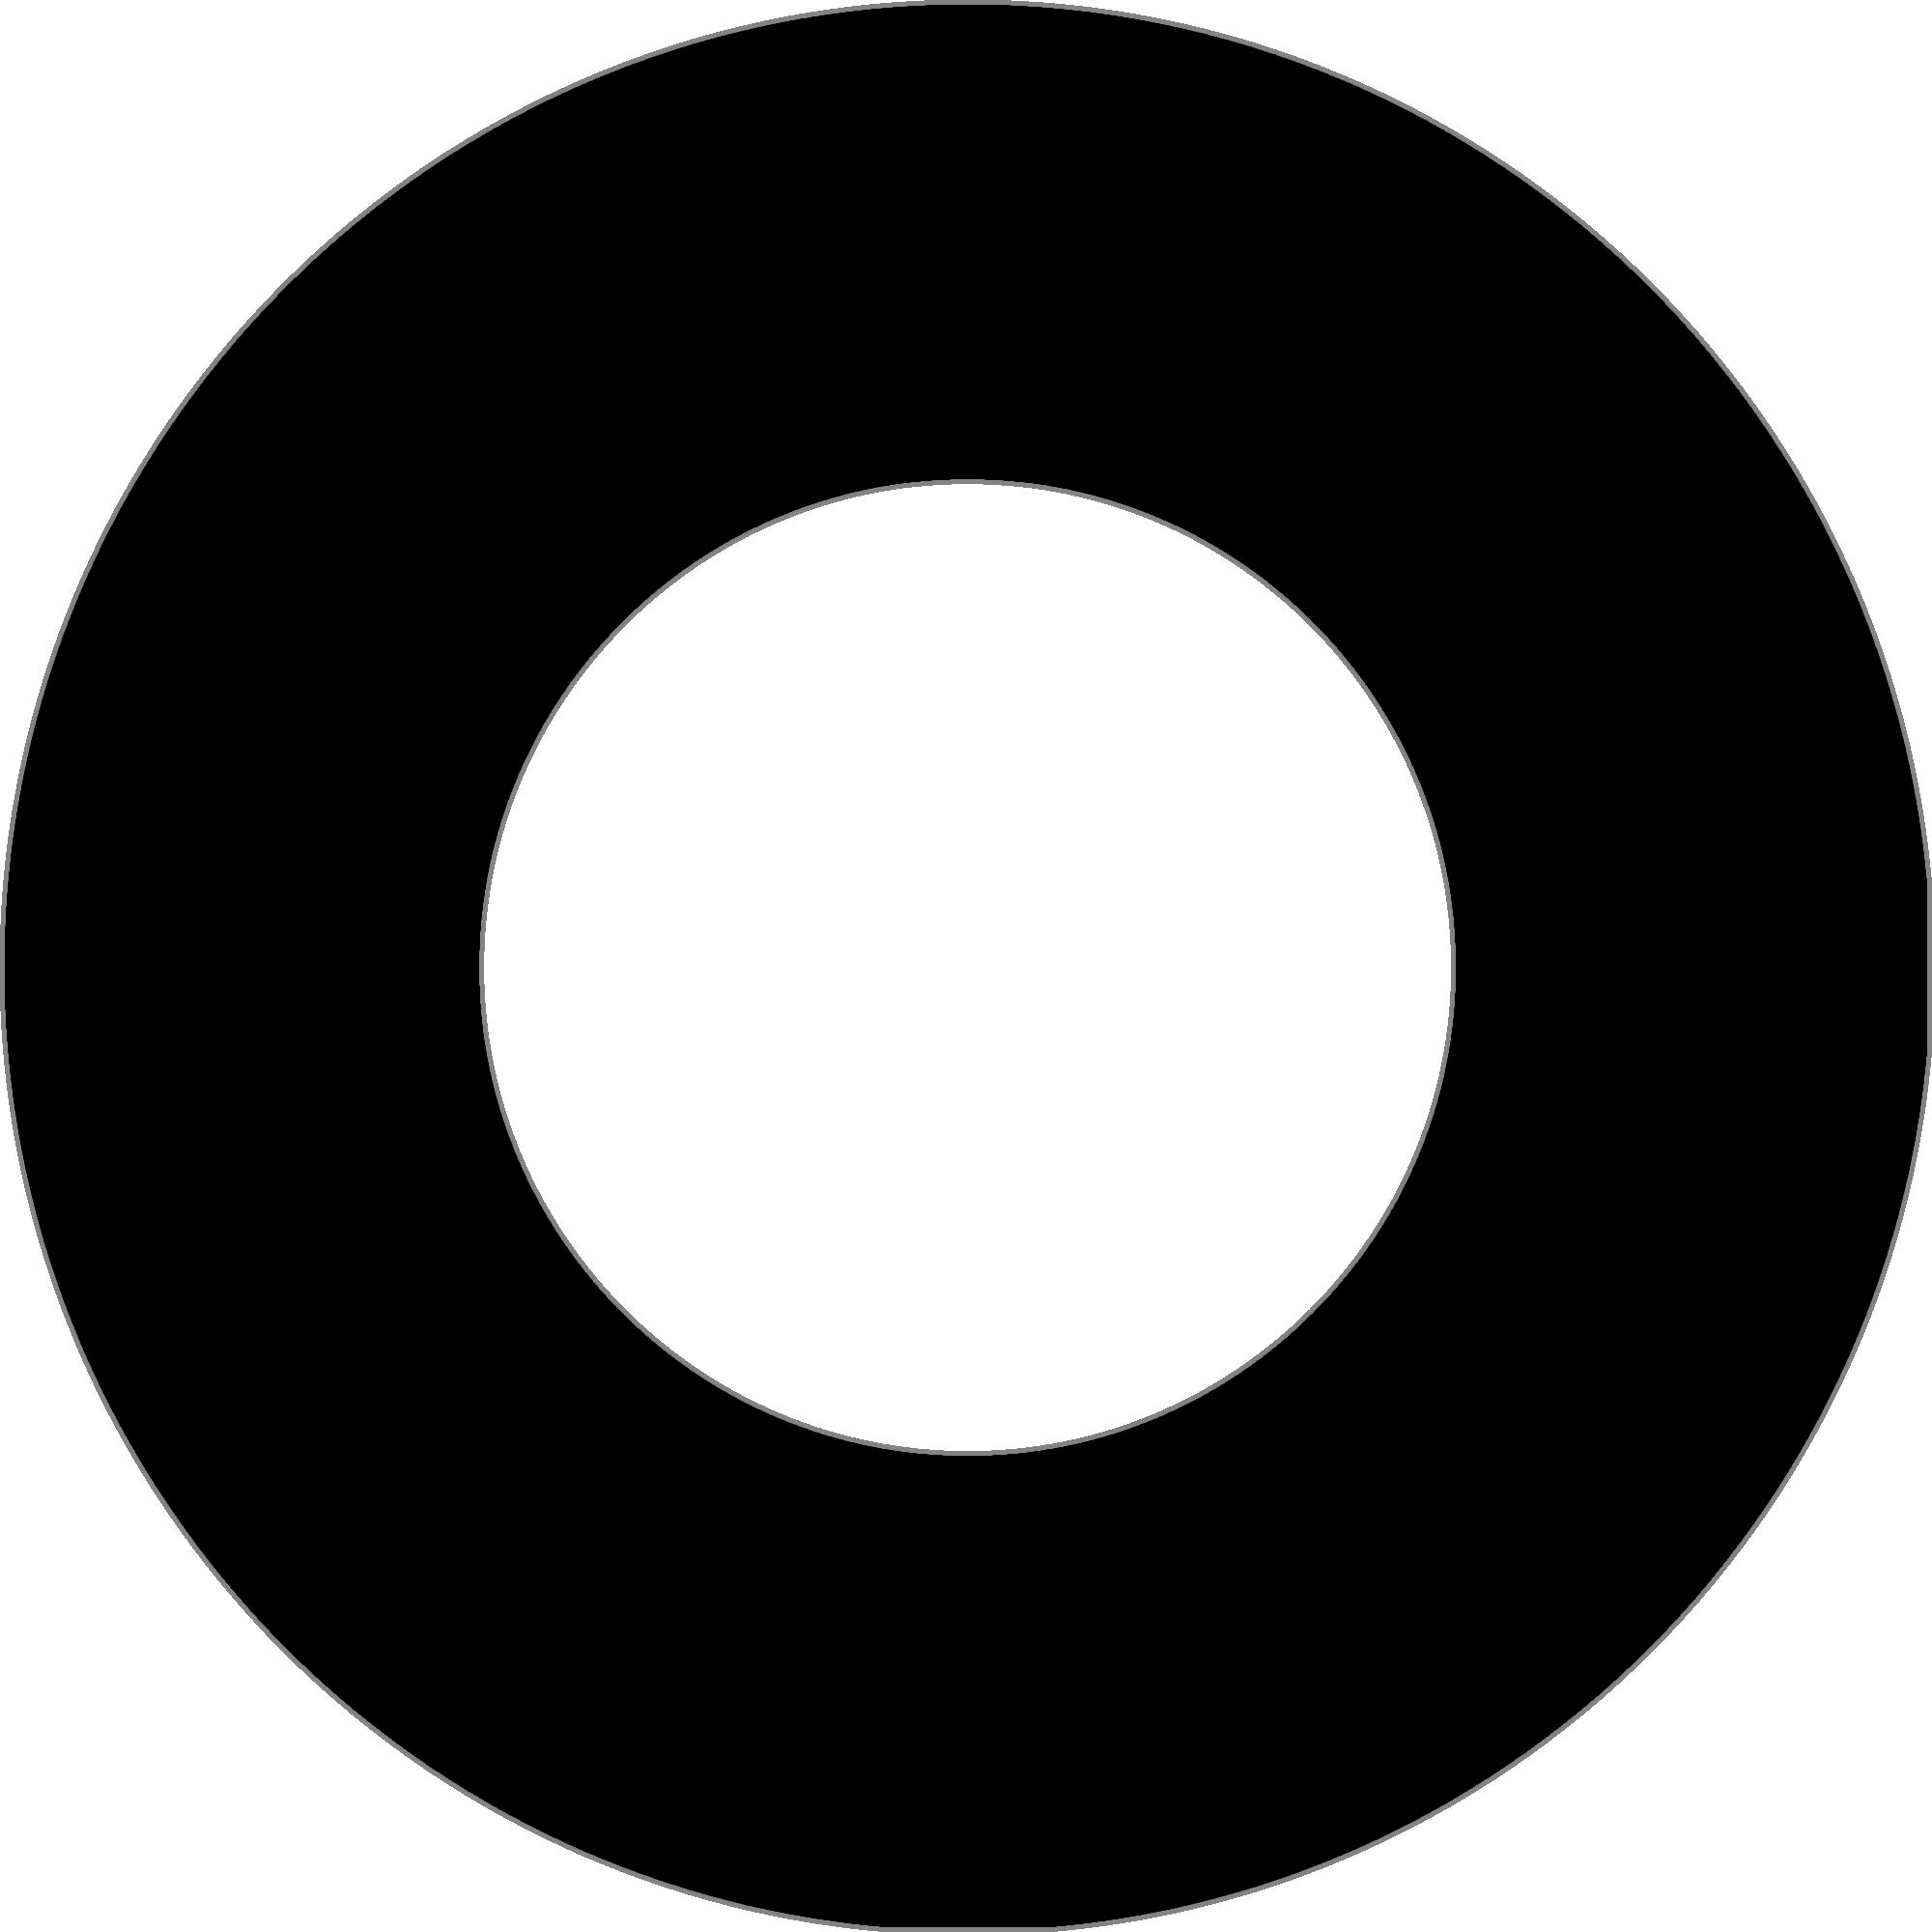 Circle PNG - 25486